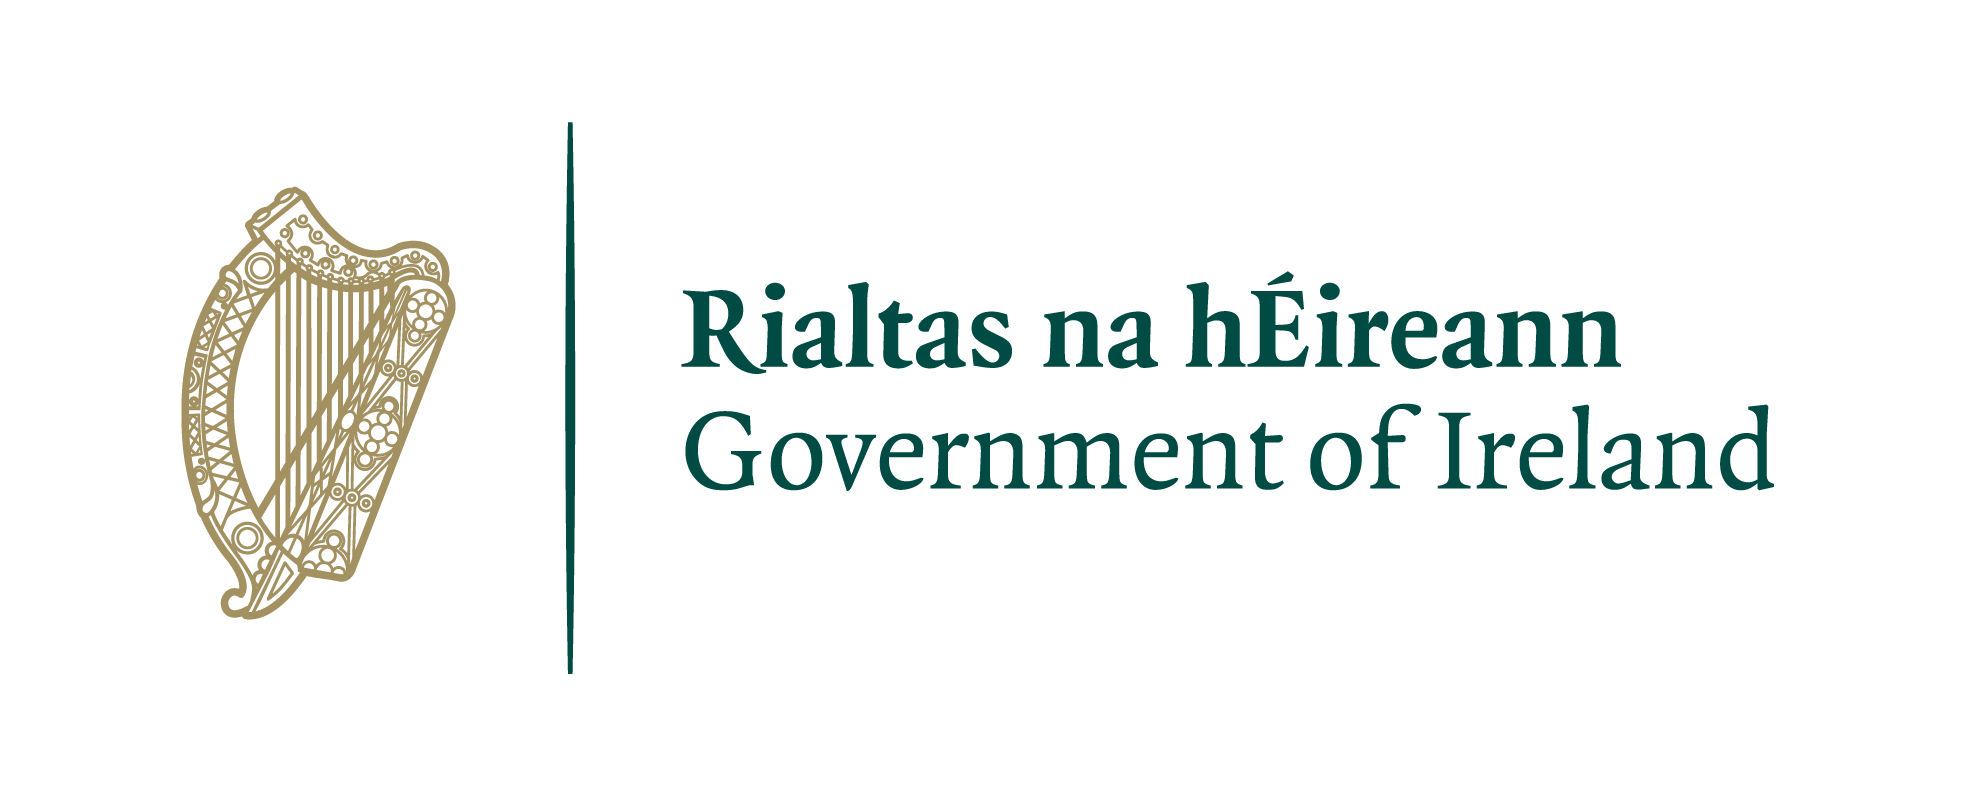 Rialtas na hEireann Logo